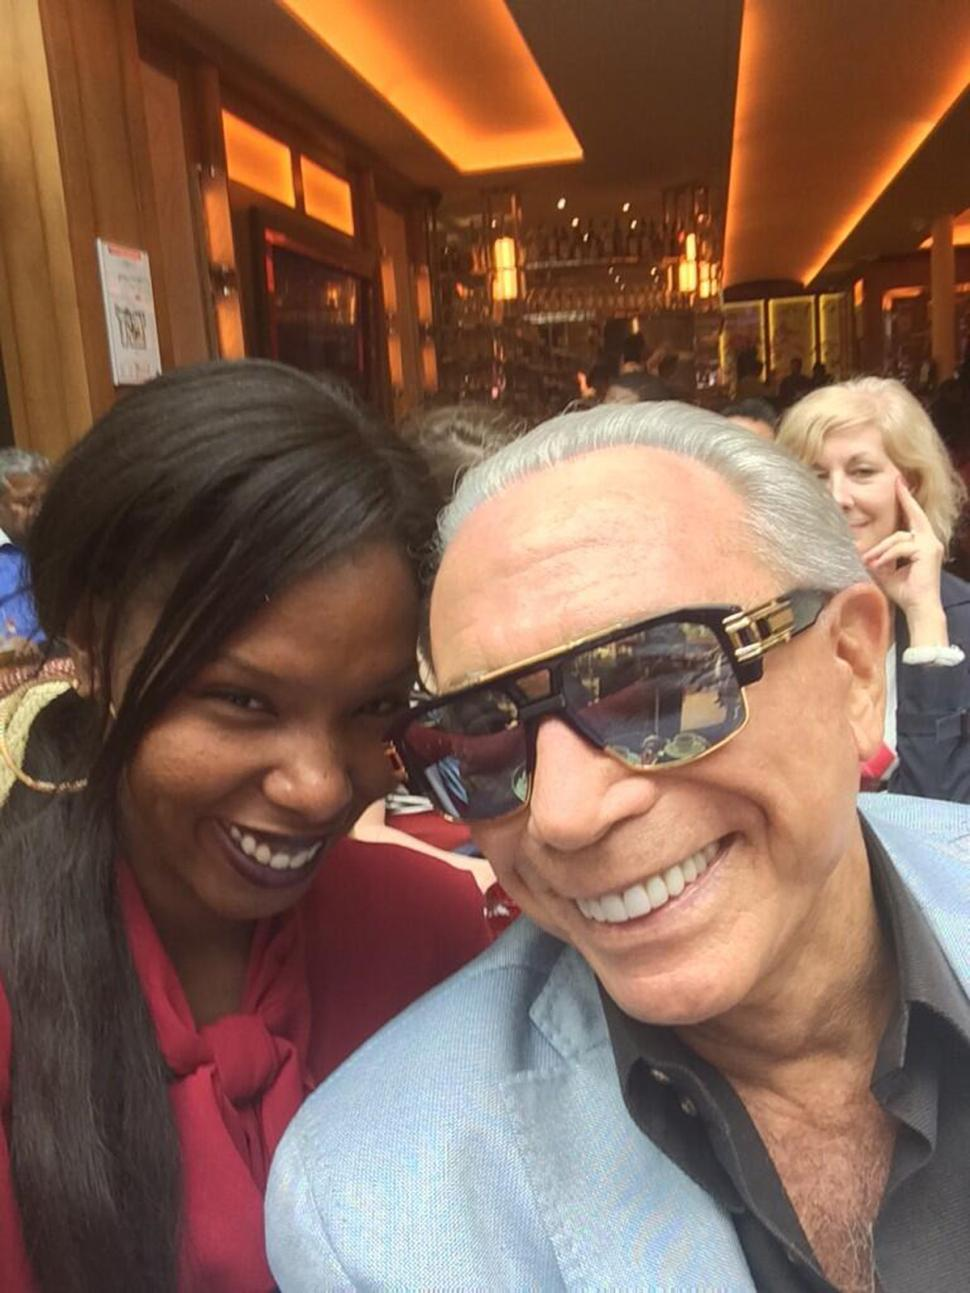 76 yaşındaki George Teichner ve 25 yaşındaki sevgilisi Dana Cody...